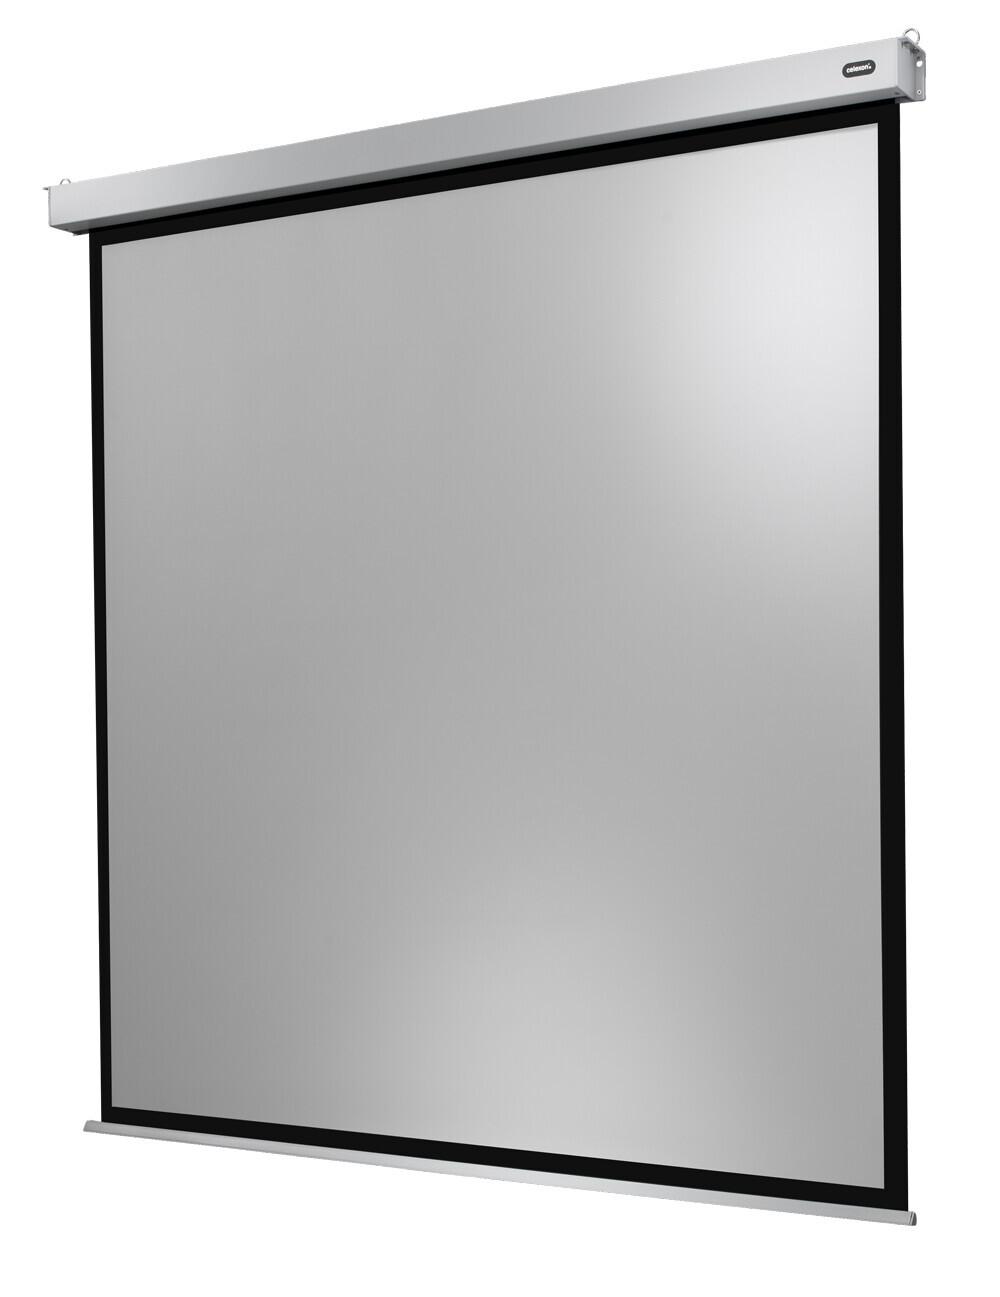 Ecran de projection celexon Motorisé PRO PLUS 300 x 300cm